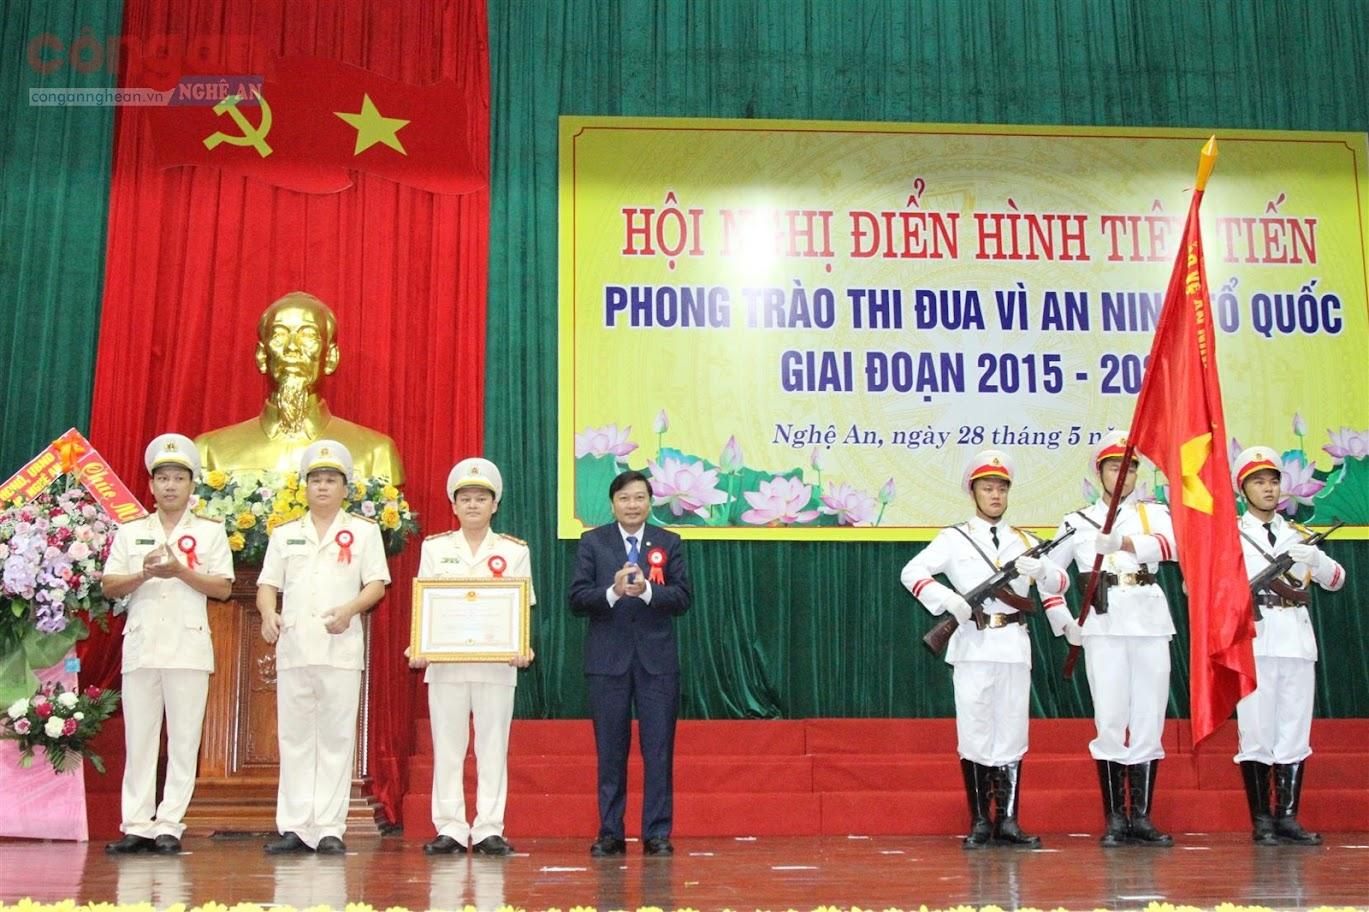 Thừa ủy quyền của Chủ tịch nước, đồng chí Lê Hồng Vinh, Ủy viên BTV Tỉnh ủy, Phó Chủ tịch thường trực UBND tỉnh trao Huân chương Bảo vệ Tổ quốc hạng Nhì cho Công an phường Lê Lợi